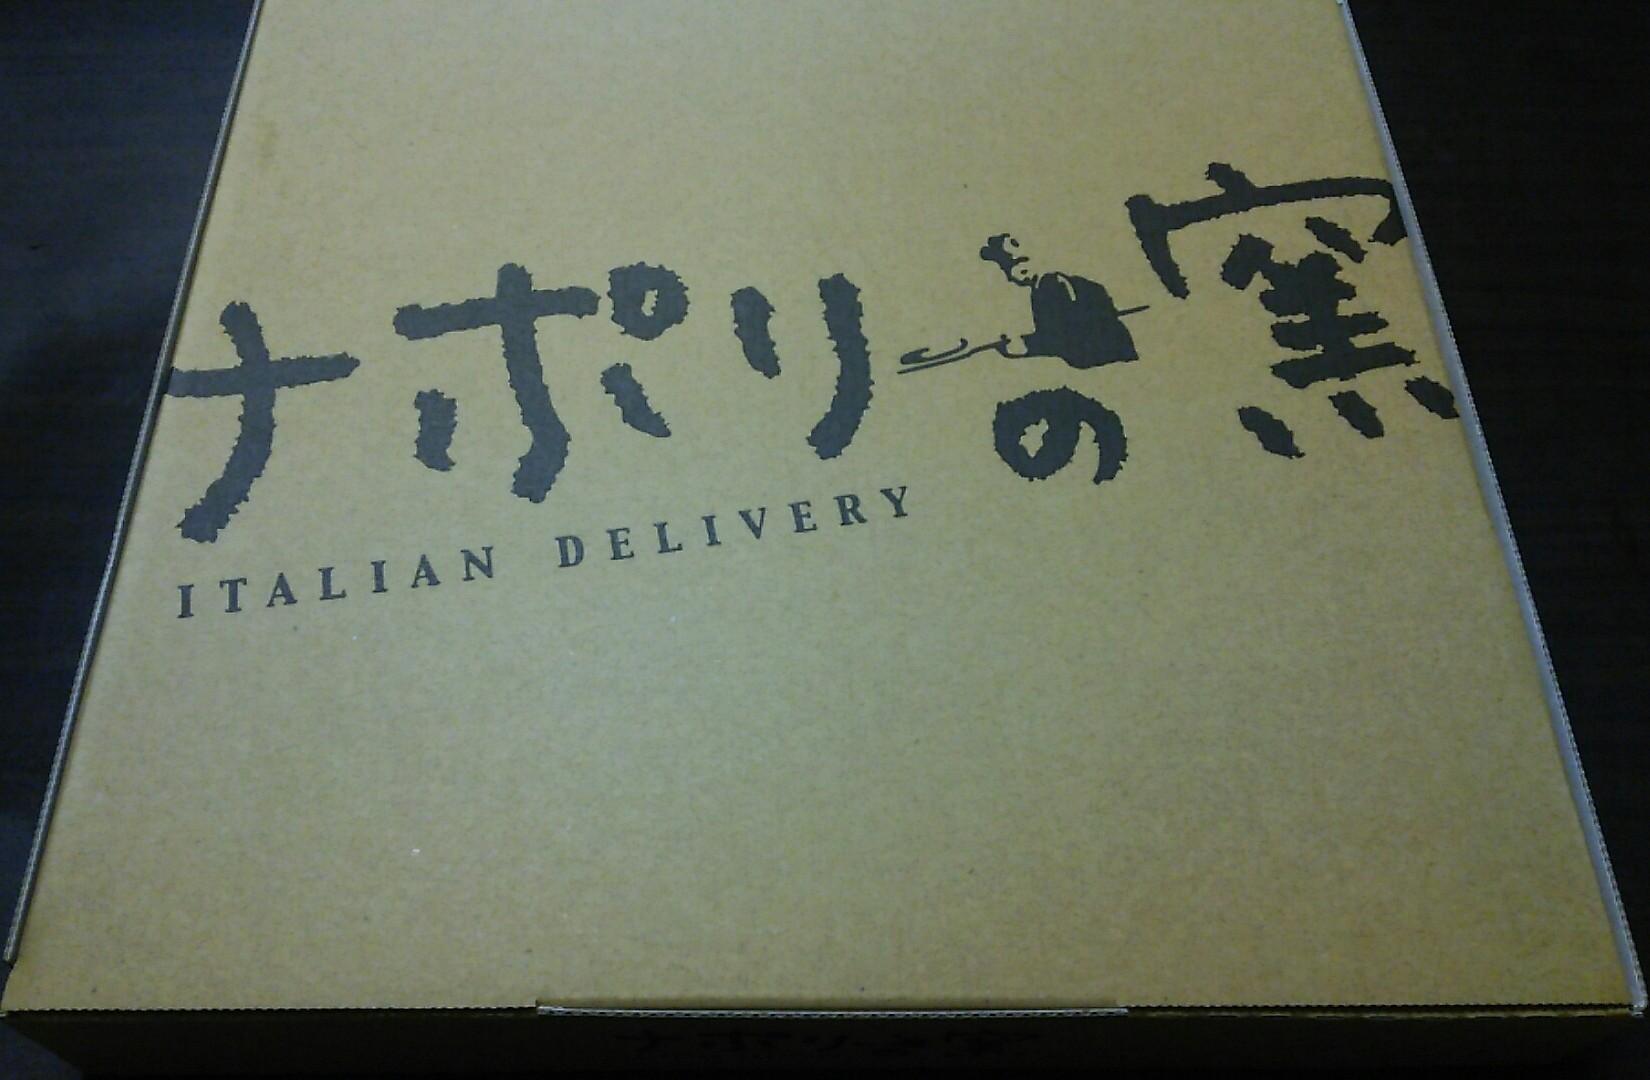 ナポリの窯 行啓通店